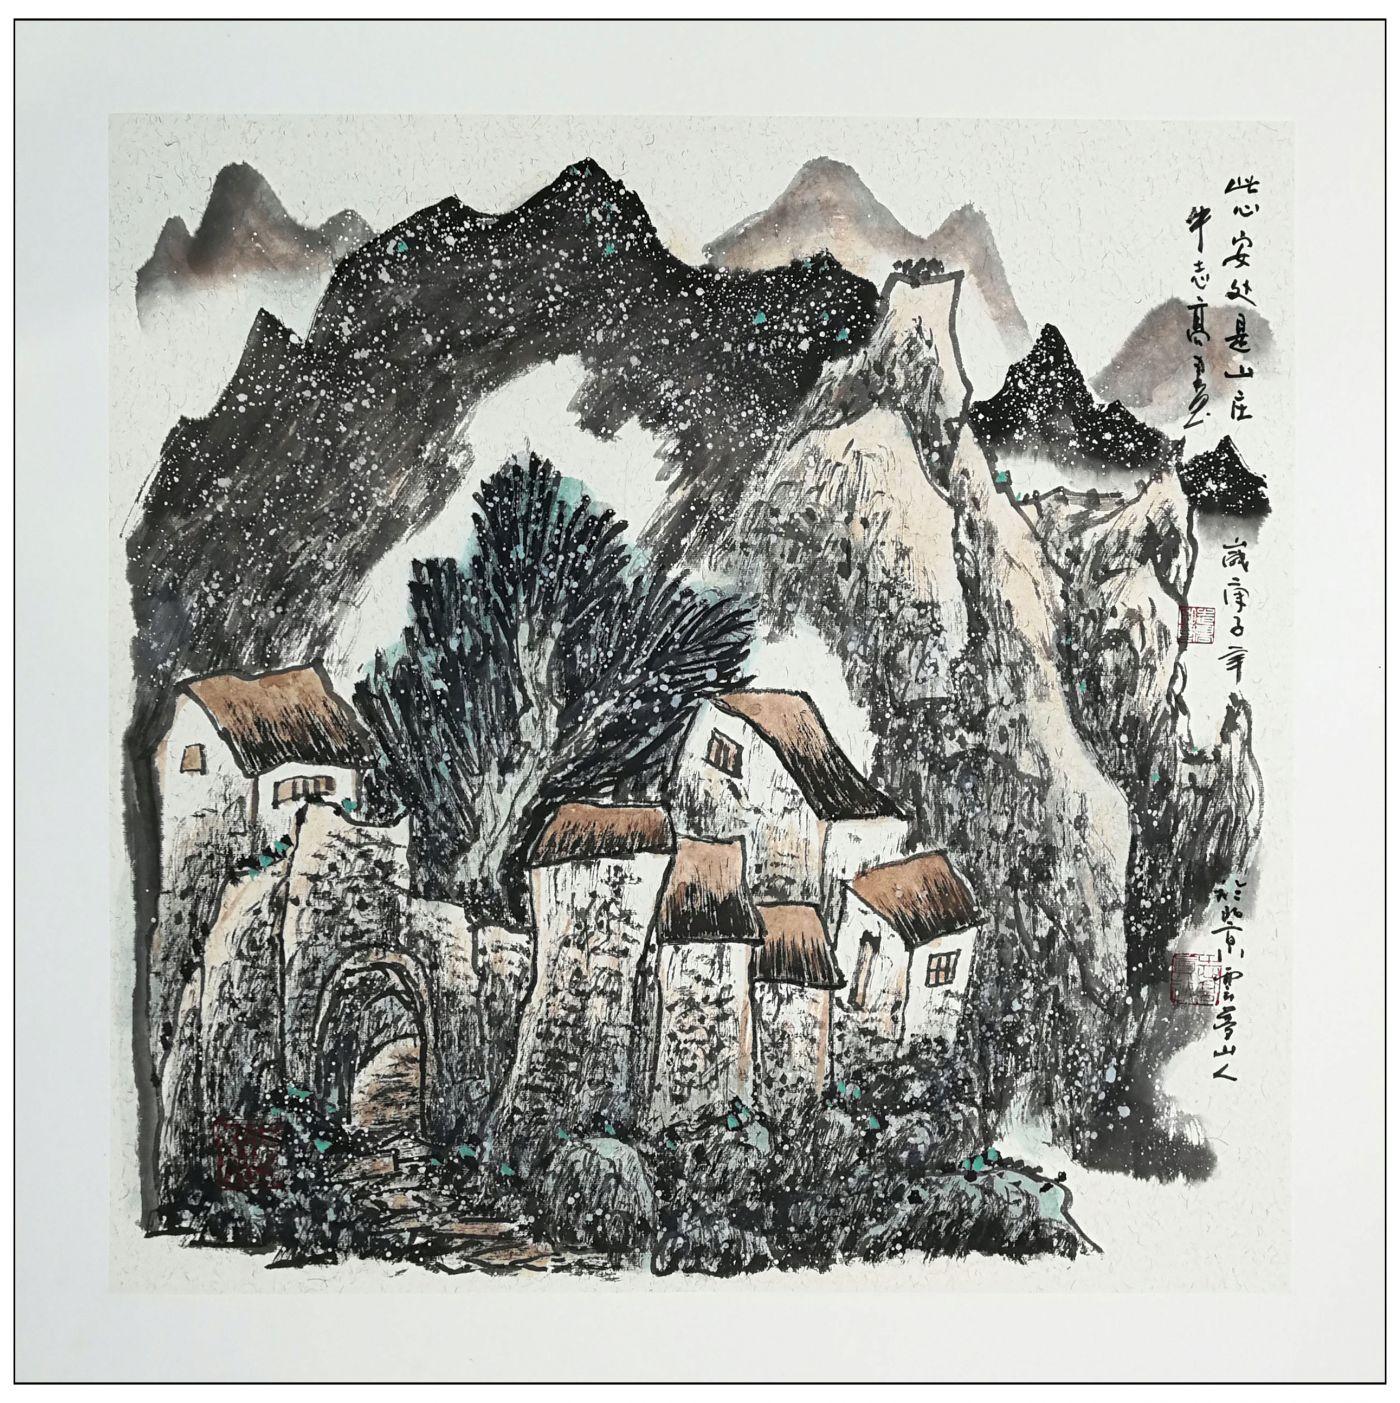 牛志高2020山水画新作-----2020.07.07_图1-2